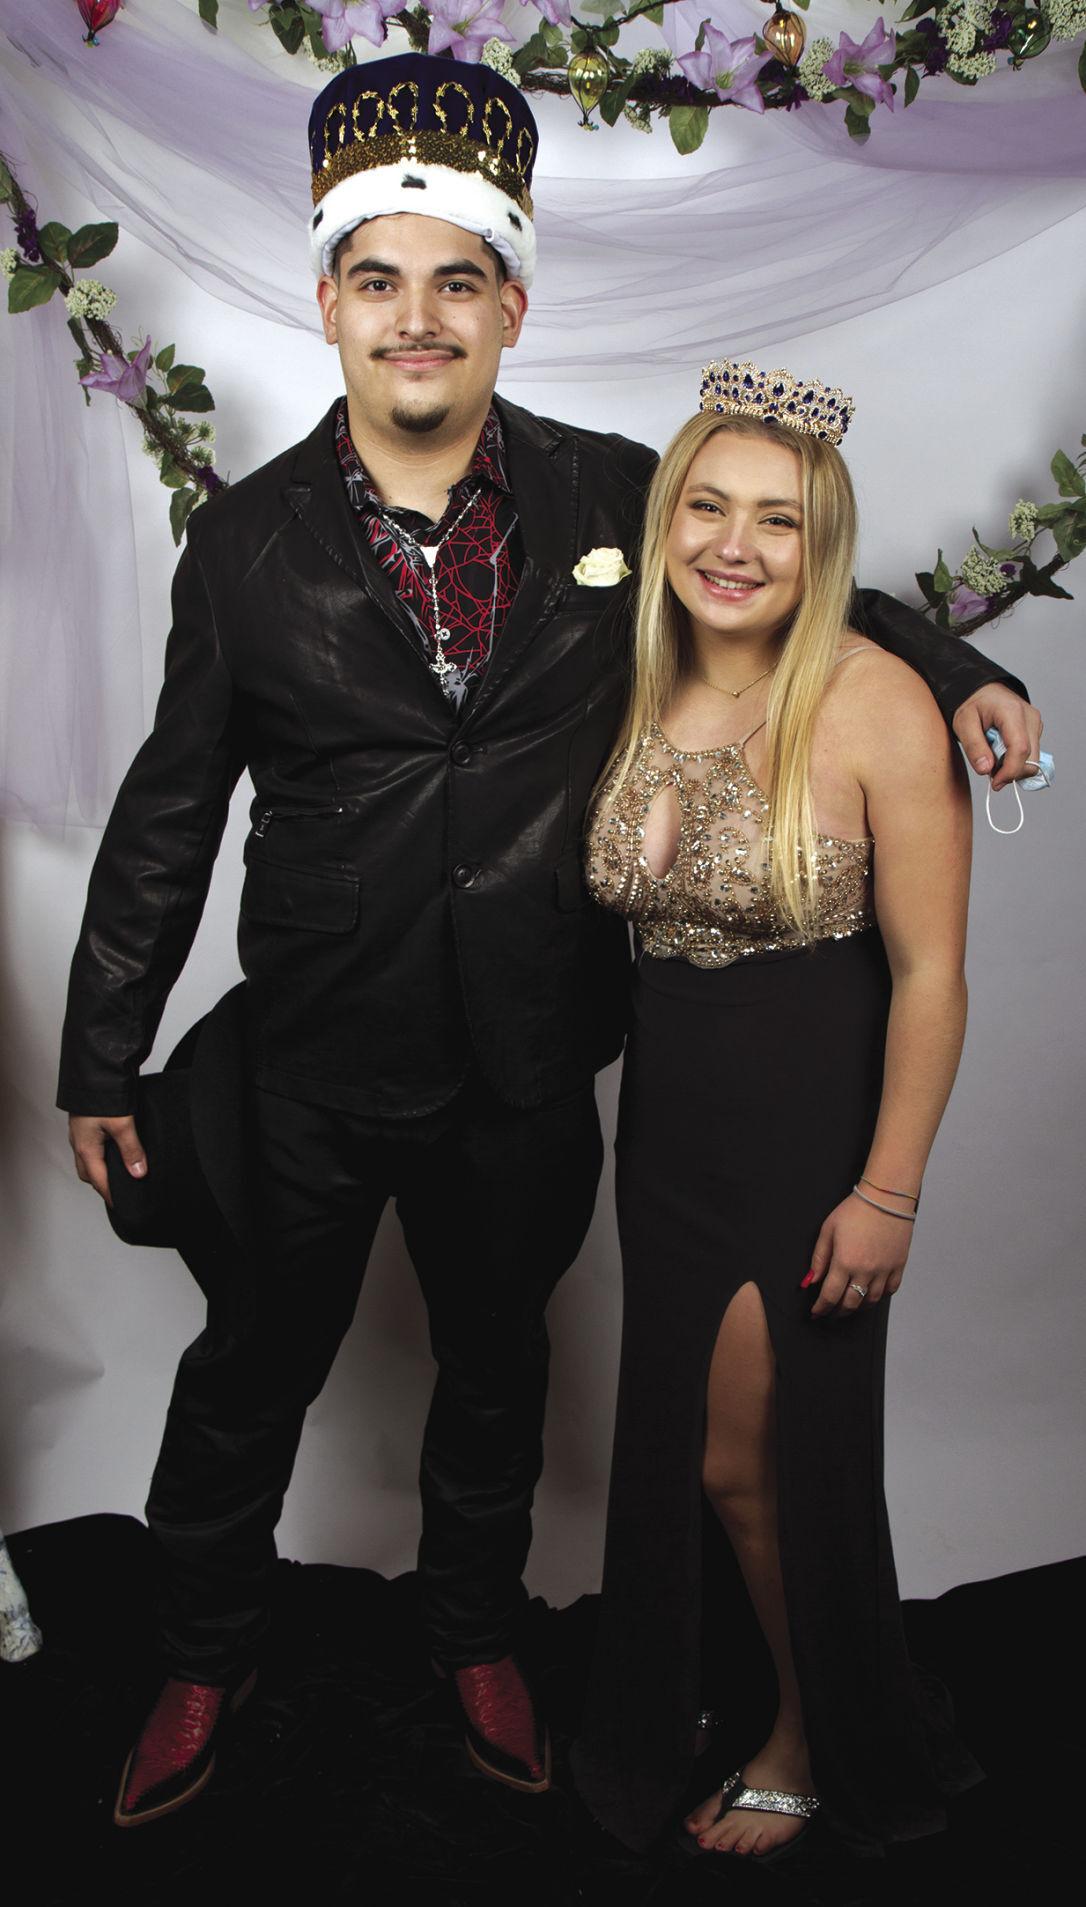 5 13 Prom 2 RV King and Queen Alfredo and Doriana Formichetti.jpg